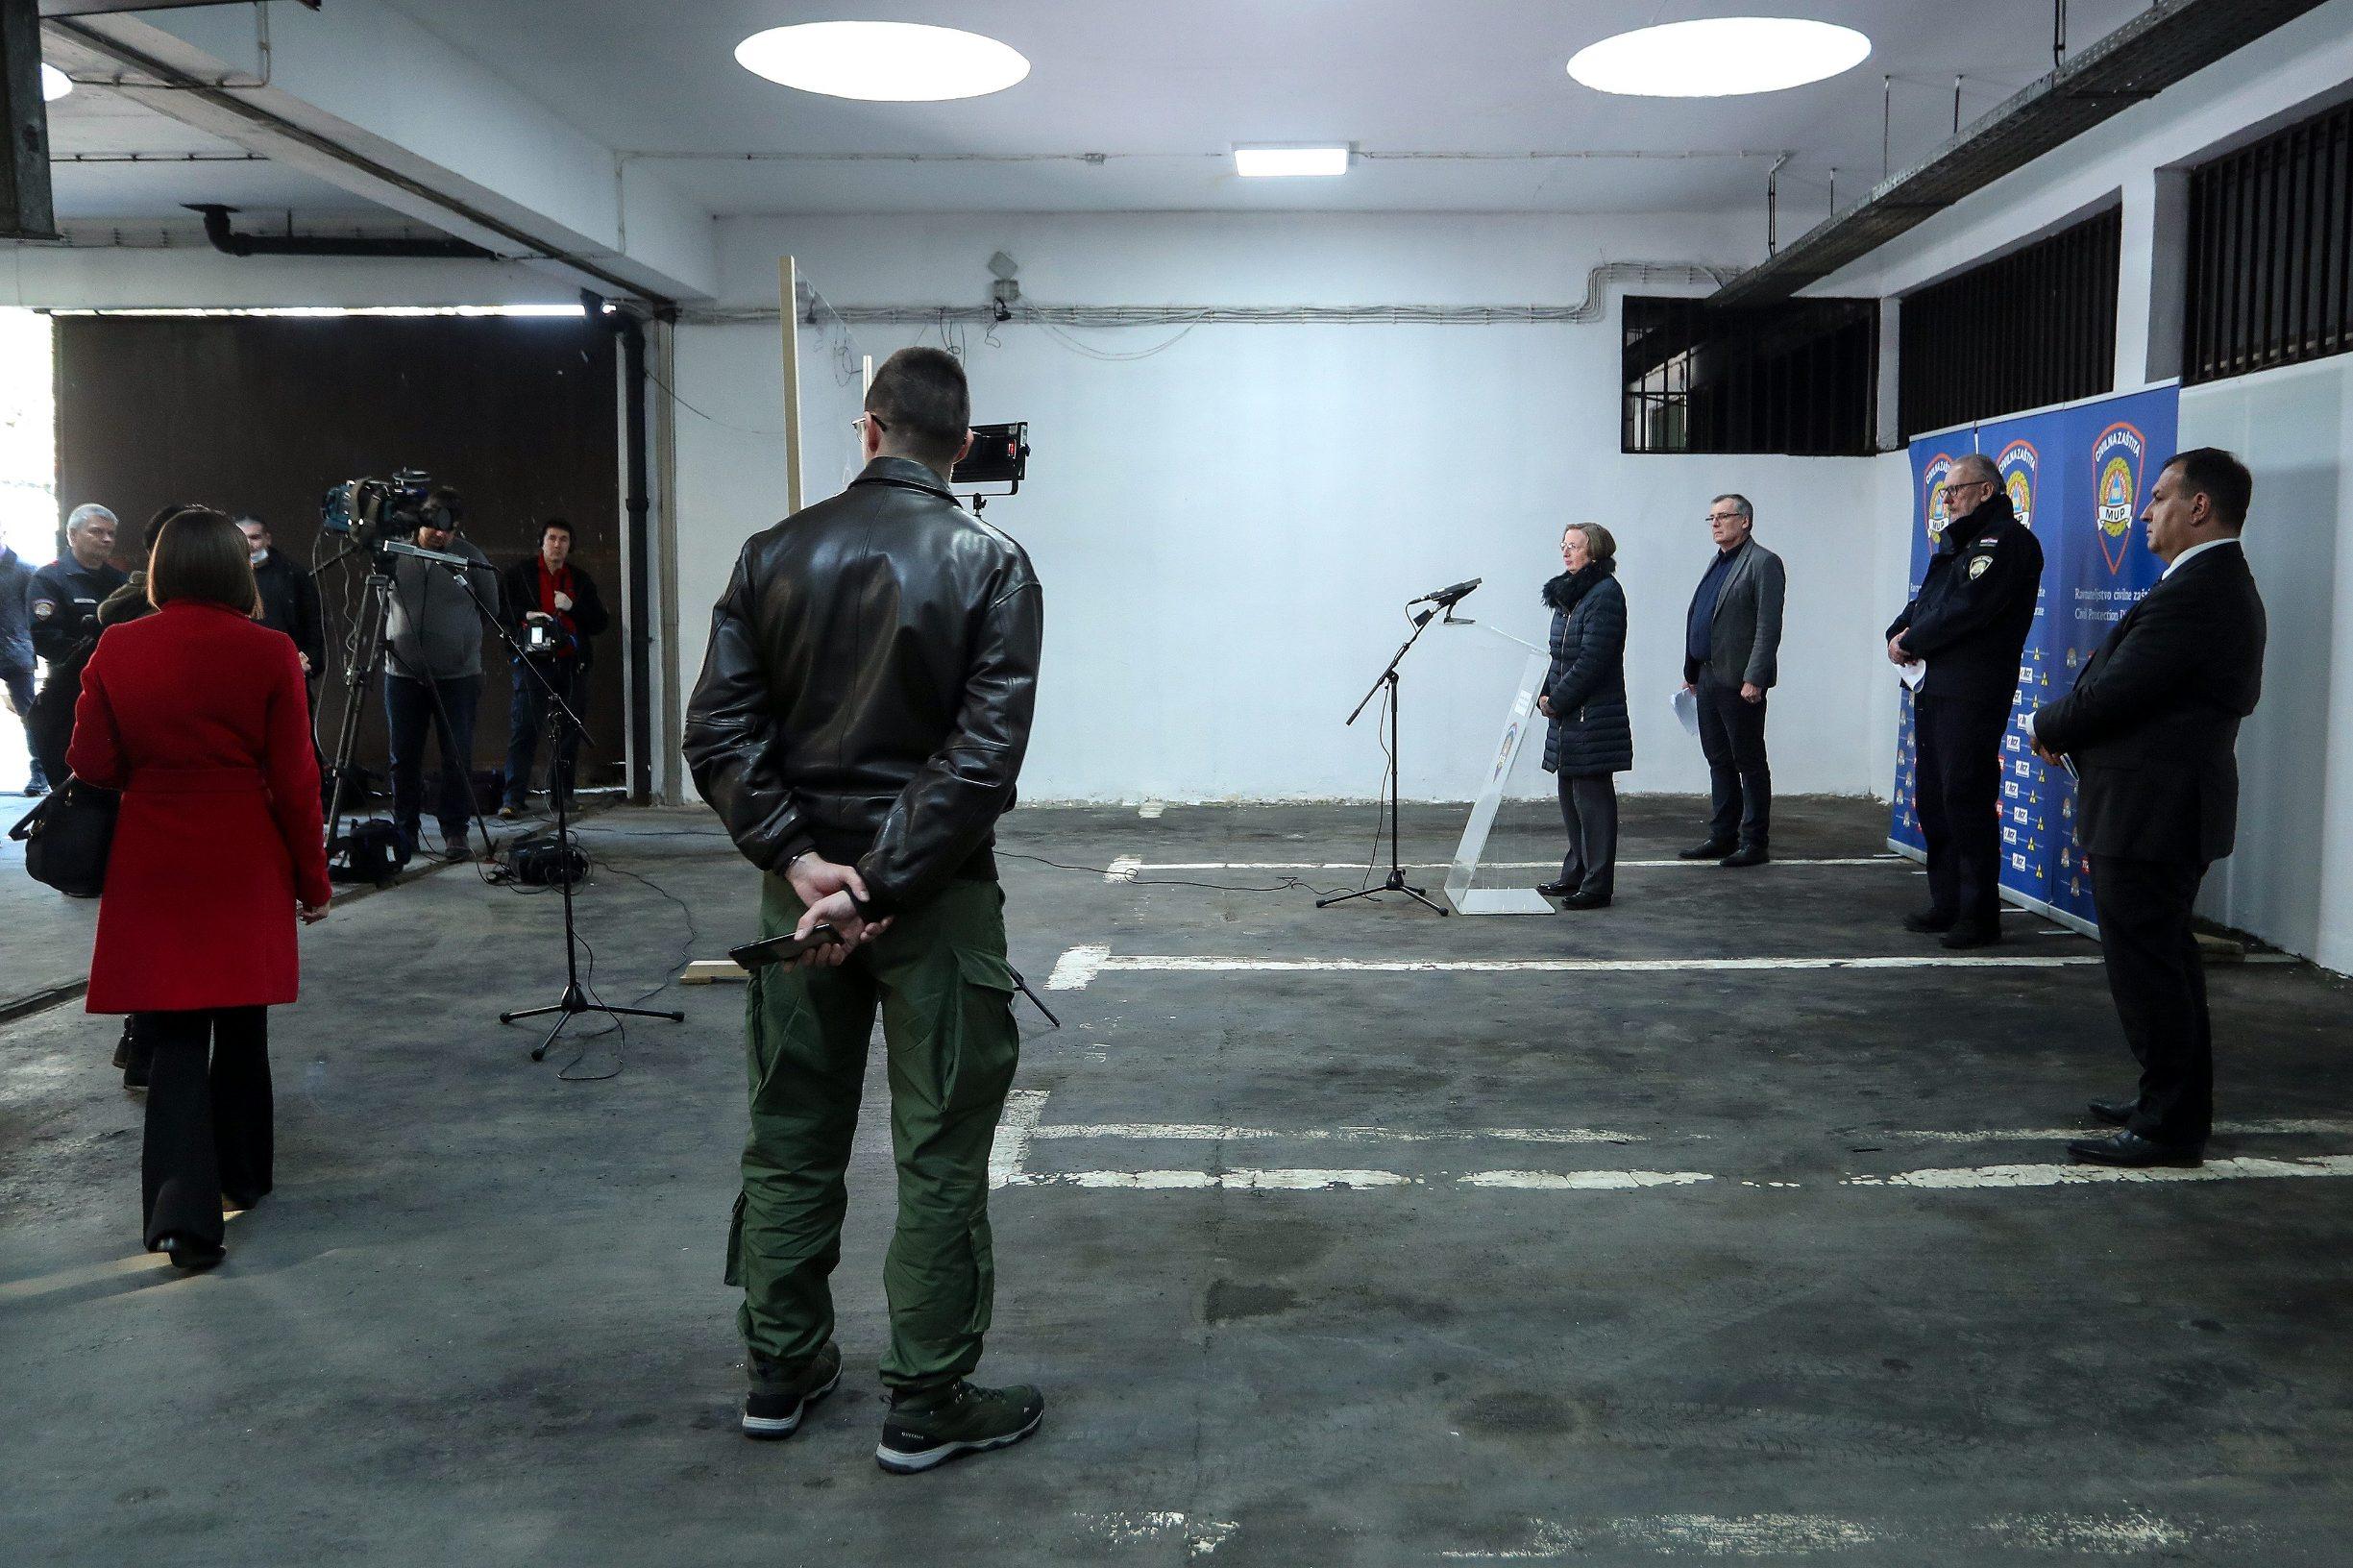 Zagreb, 030420. Nacionalni stozer civilne zastite odrzao je konferenciju za medije o najnovijim detaljima sirenja koronavirusa u Hrvatskoj.  Foto: Luka Stanzl/POOL/PIXSELL